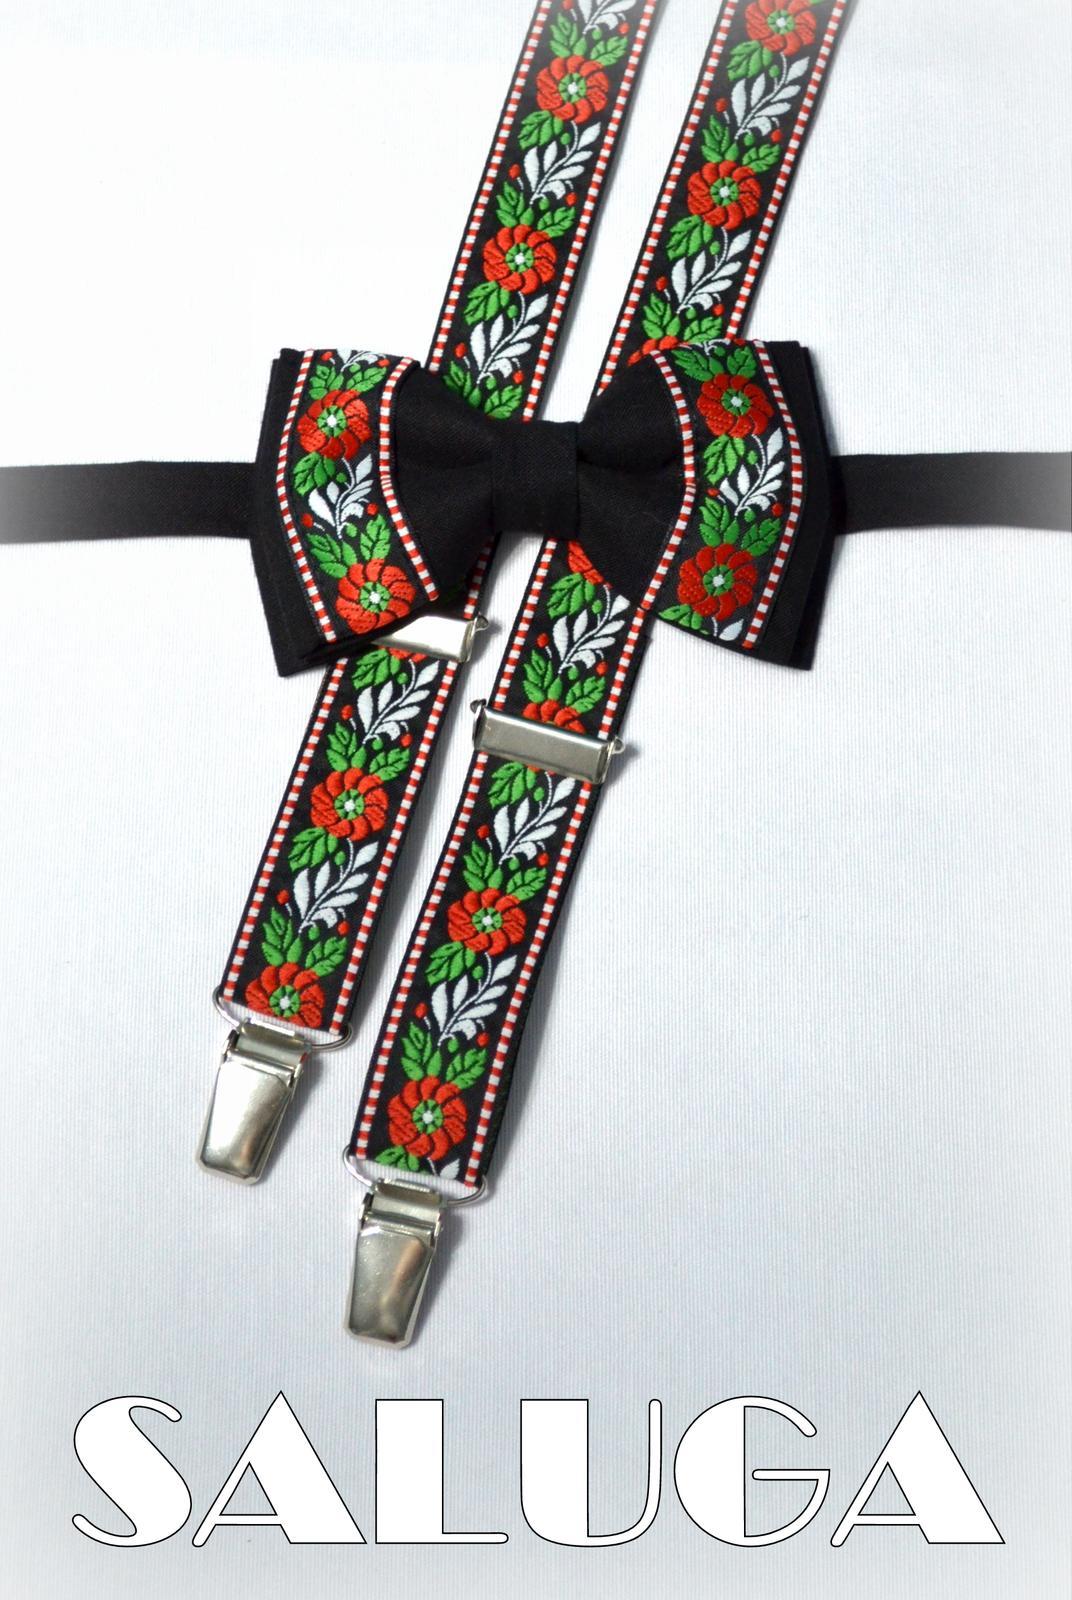 Folklórny pánsky čierny motýlik - folkový ľudový  - Obrázok č. 1